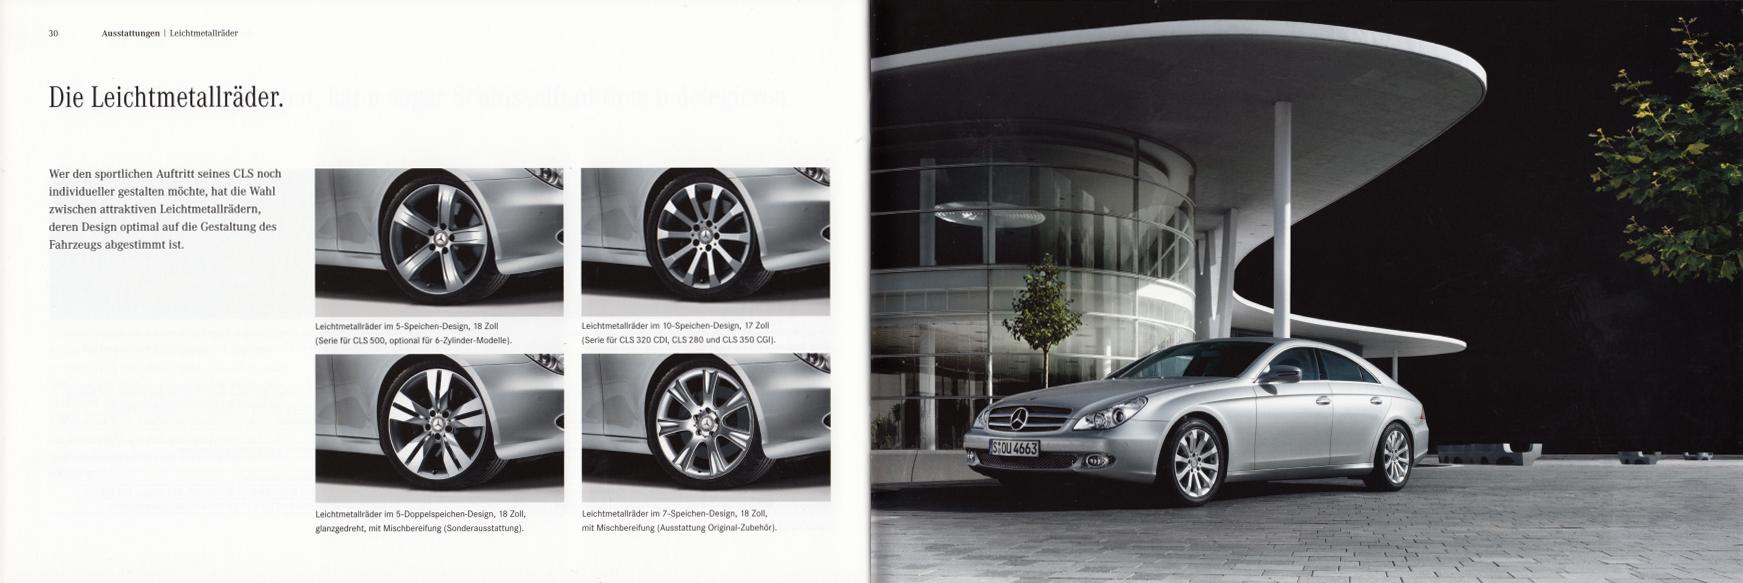 (C219): Catálogo 2008 - alemão 017